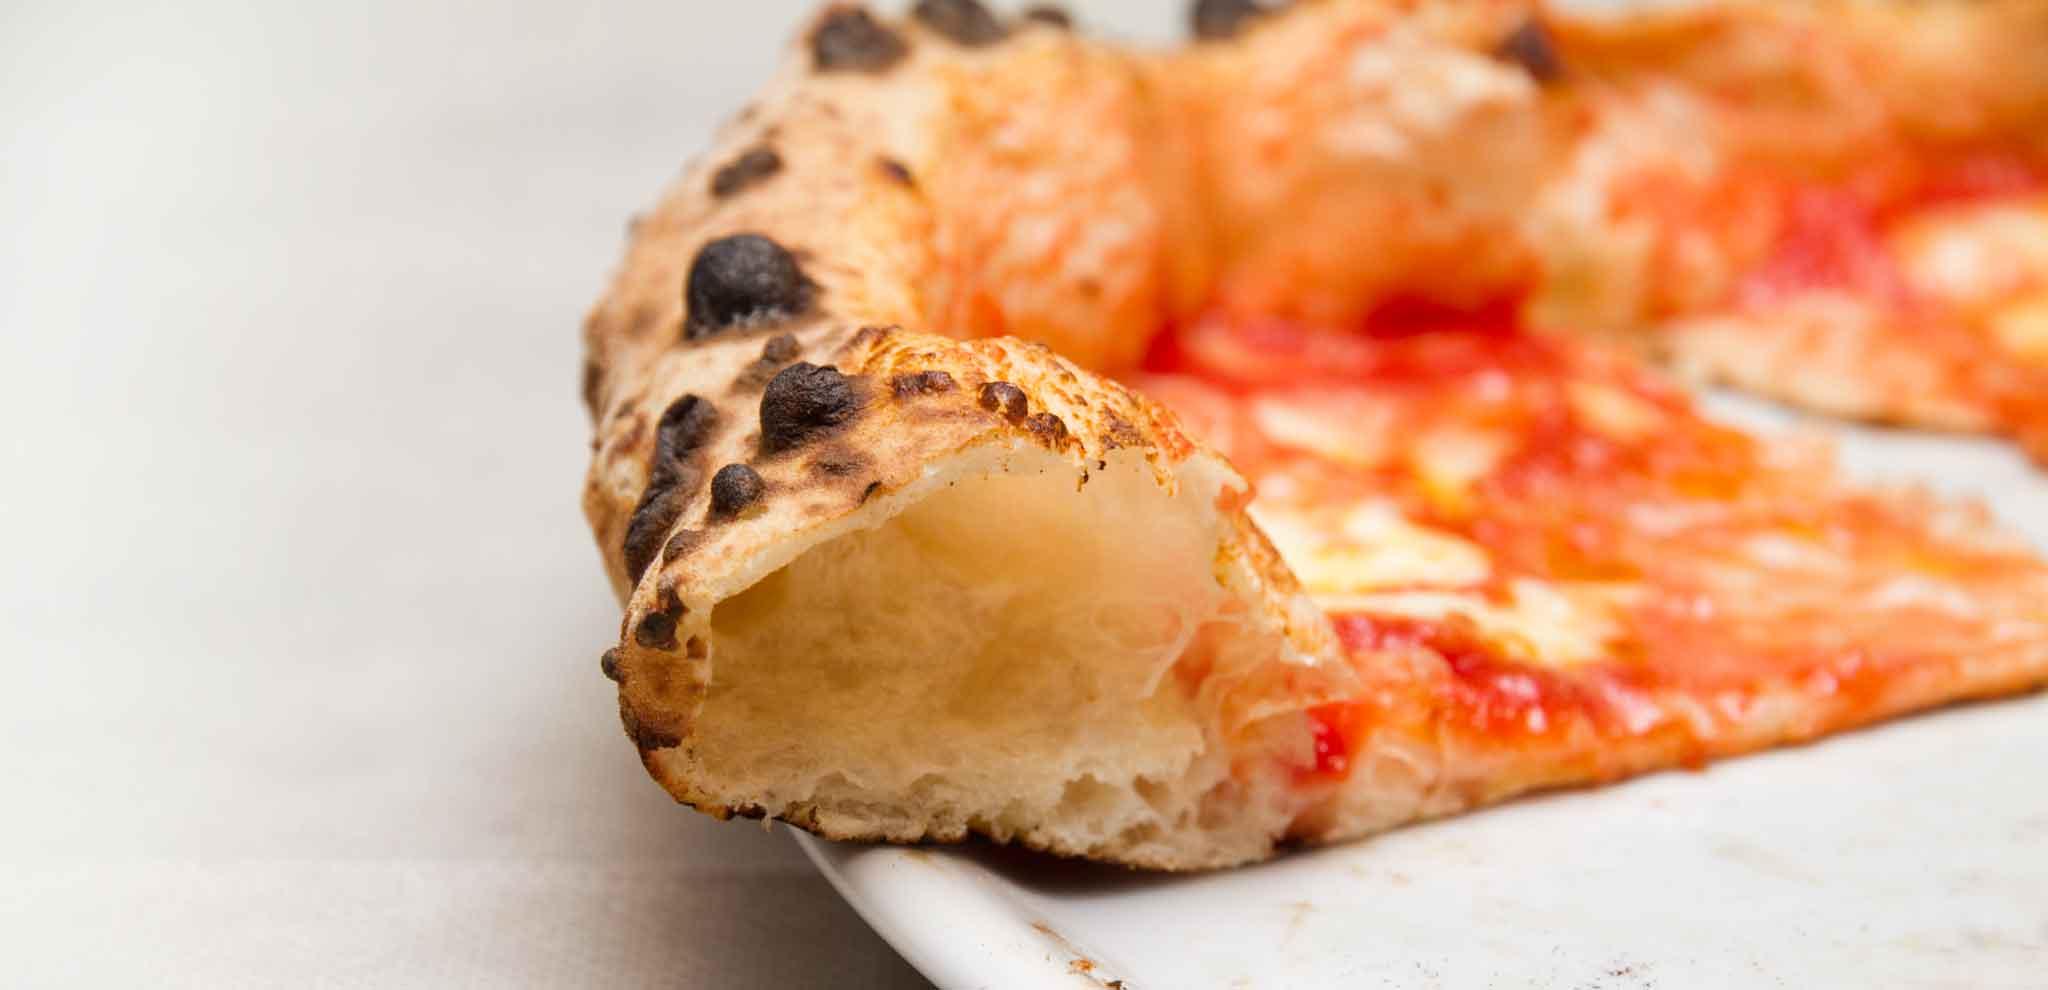 pizza e cornicione alveolato